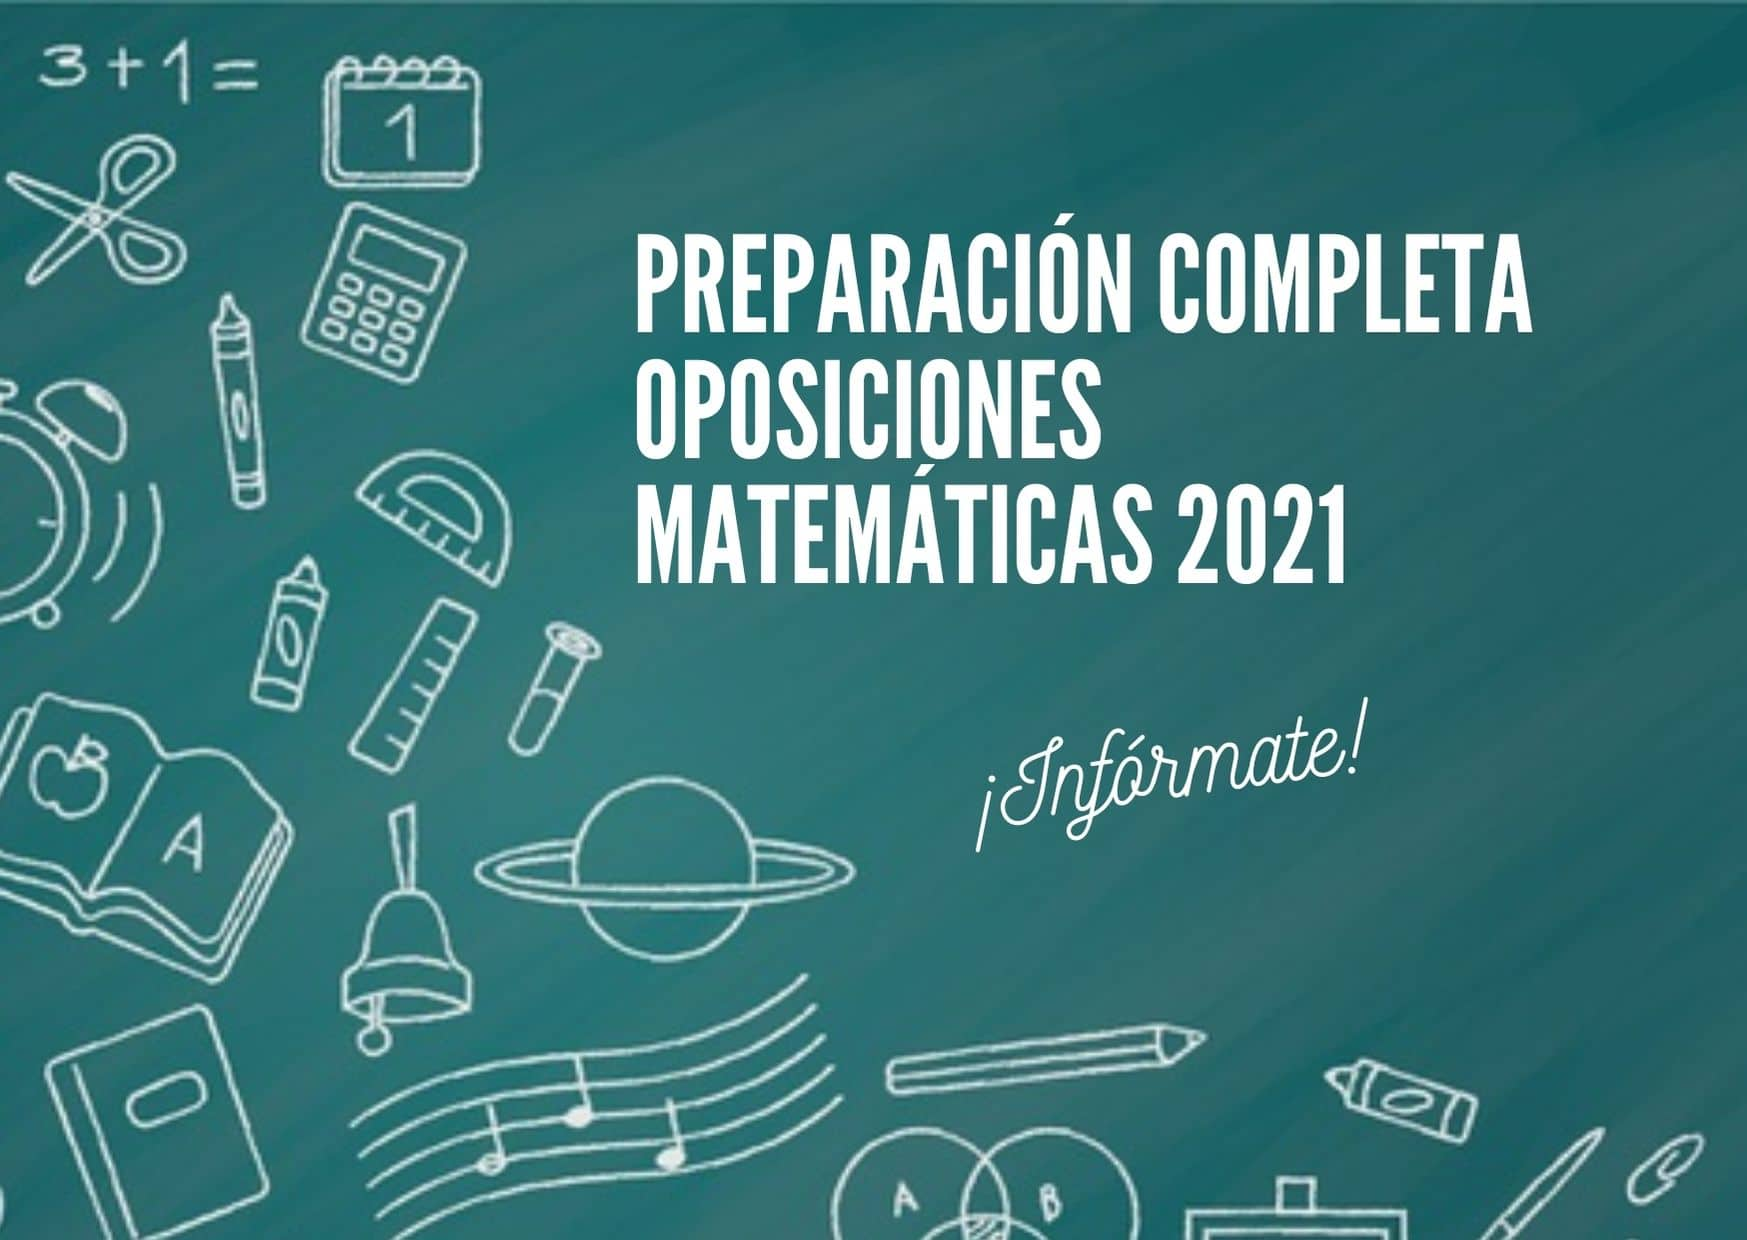 Preparador oposiciones matemáticas secundaria en Coruña y Santiago de Compostela